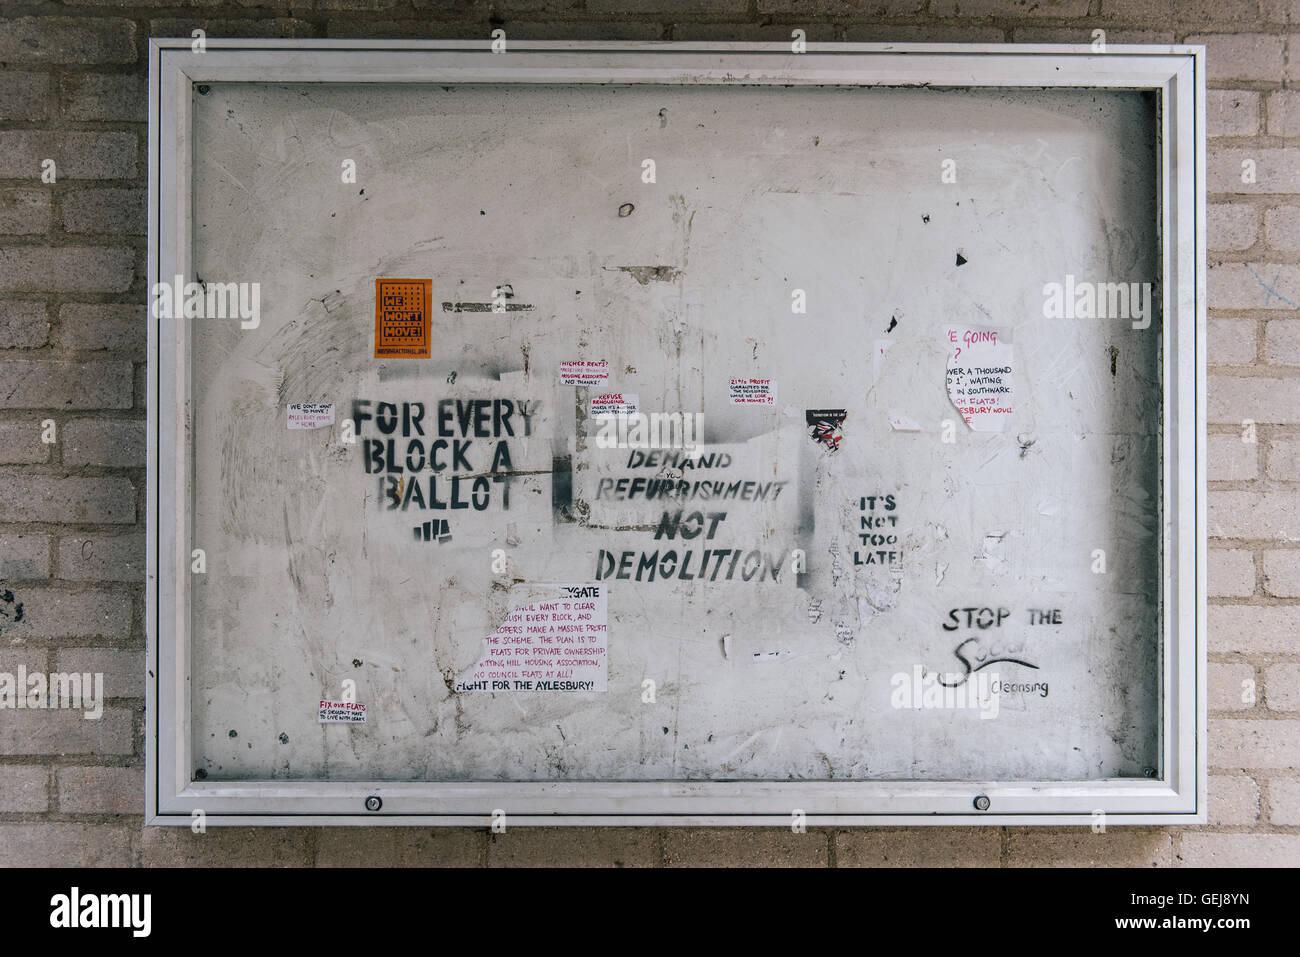 Signos en Aylesbury estate protestaban contra la demolición Imagen De Stock